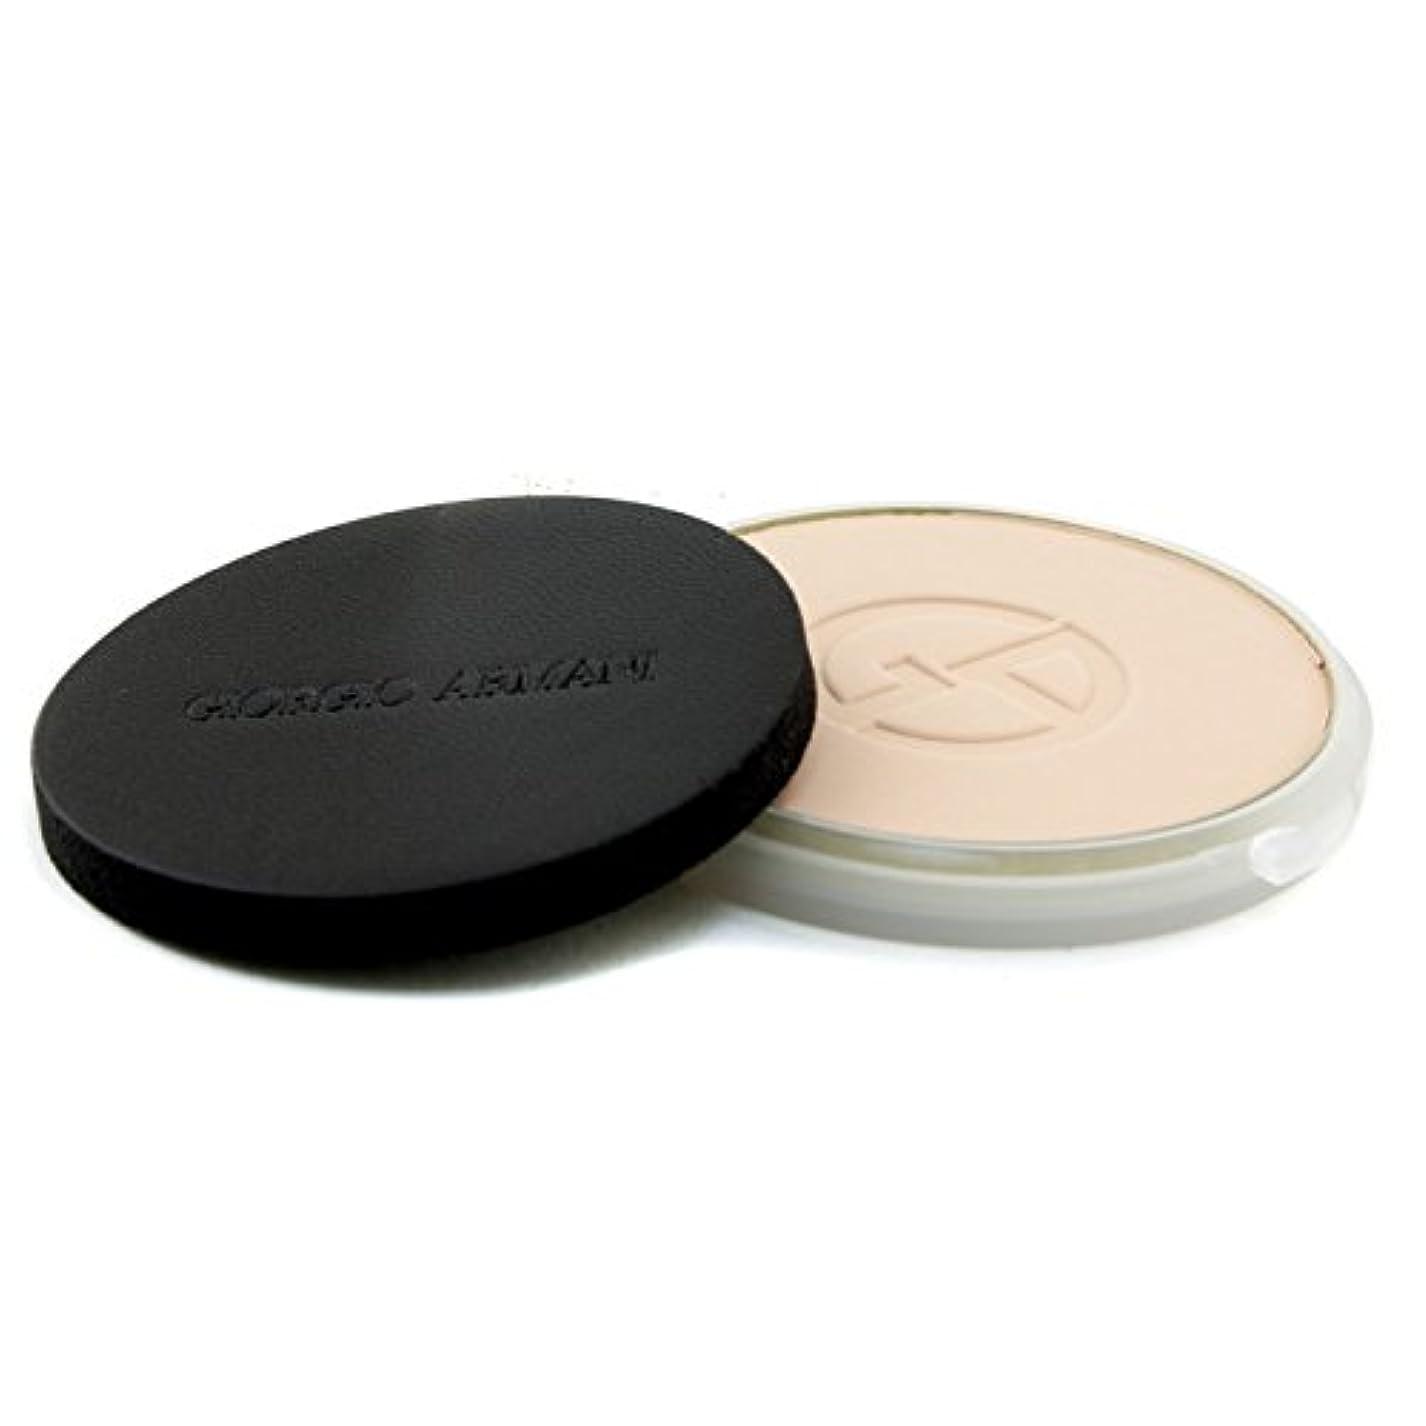 ミュート黒板宿命ジョルジオアルマーニ Lasting Silk UV Compact Foundation SPF 34 (Refill) - # 3 (Light Sand) 9g/0.3oz並行輸入品